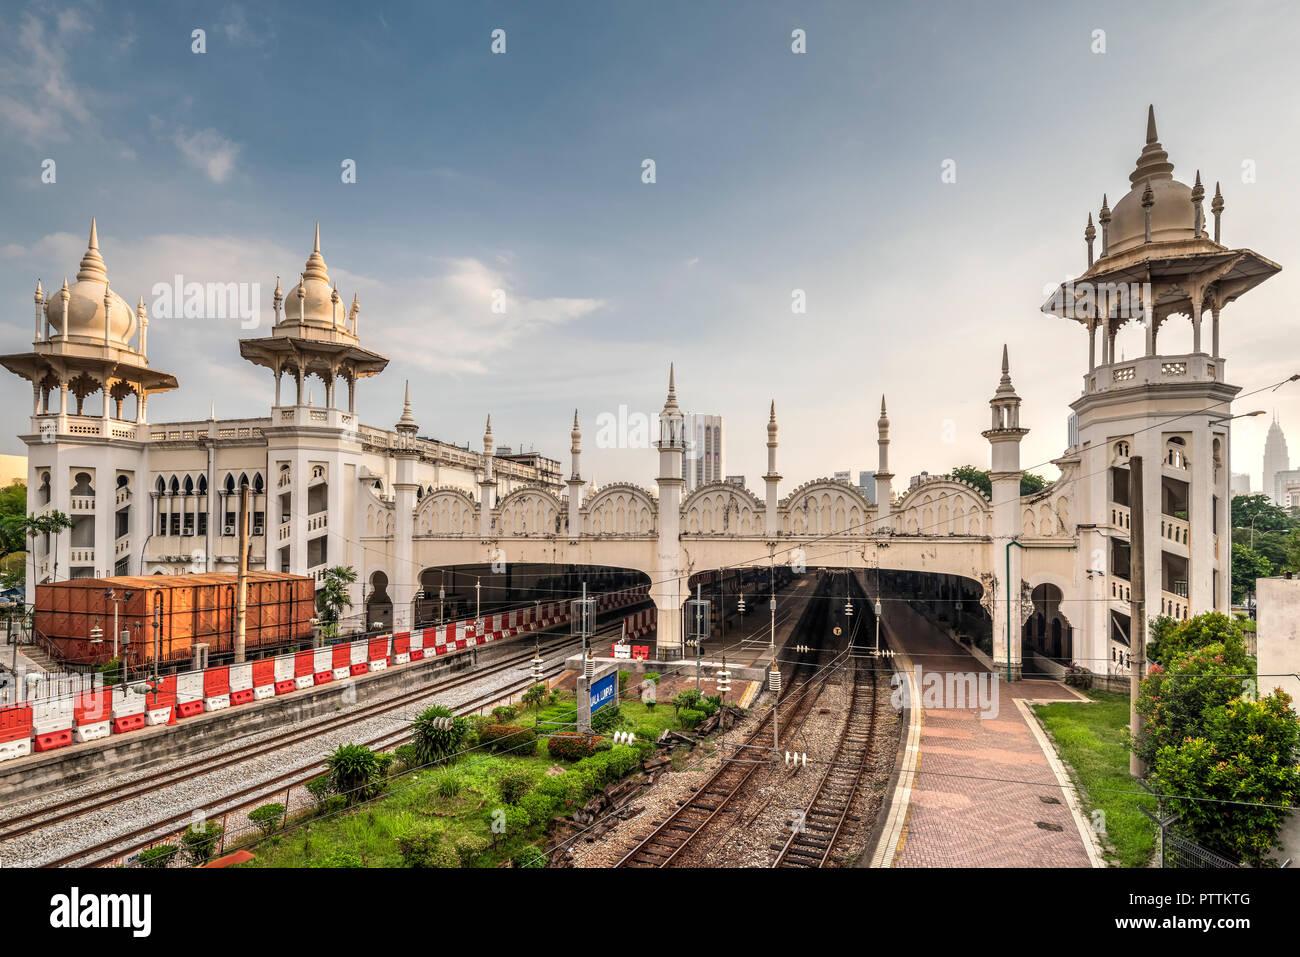 Kuala Lumpur railway station, Kuala Lumpur, Malaysia - Stock Image